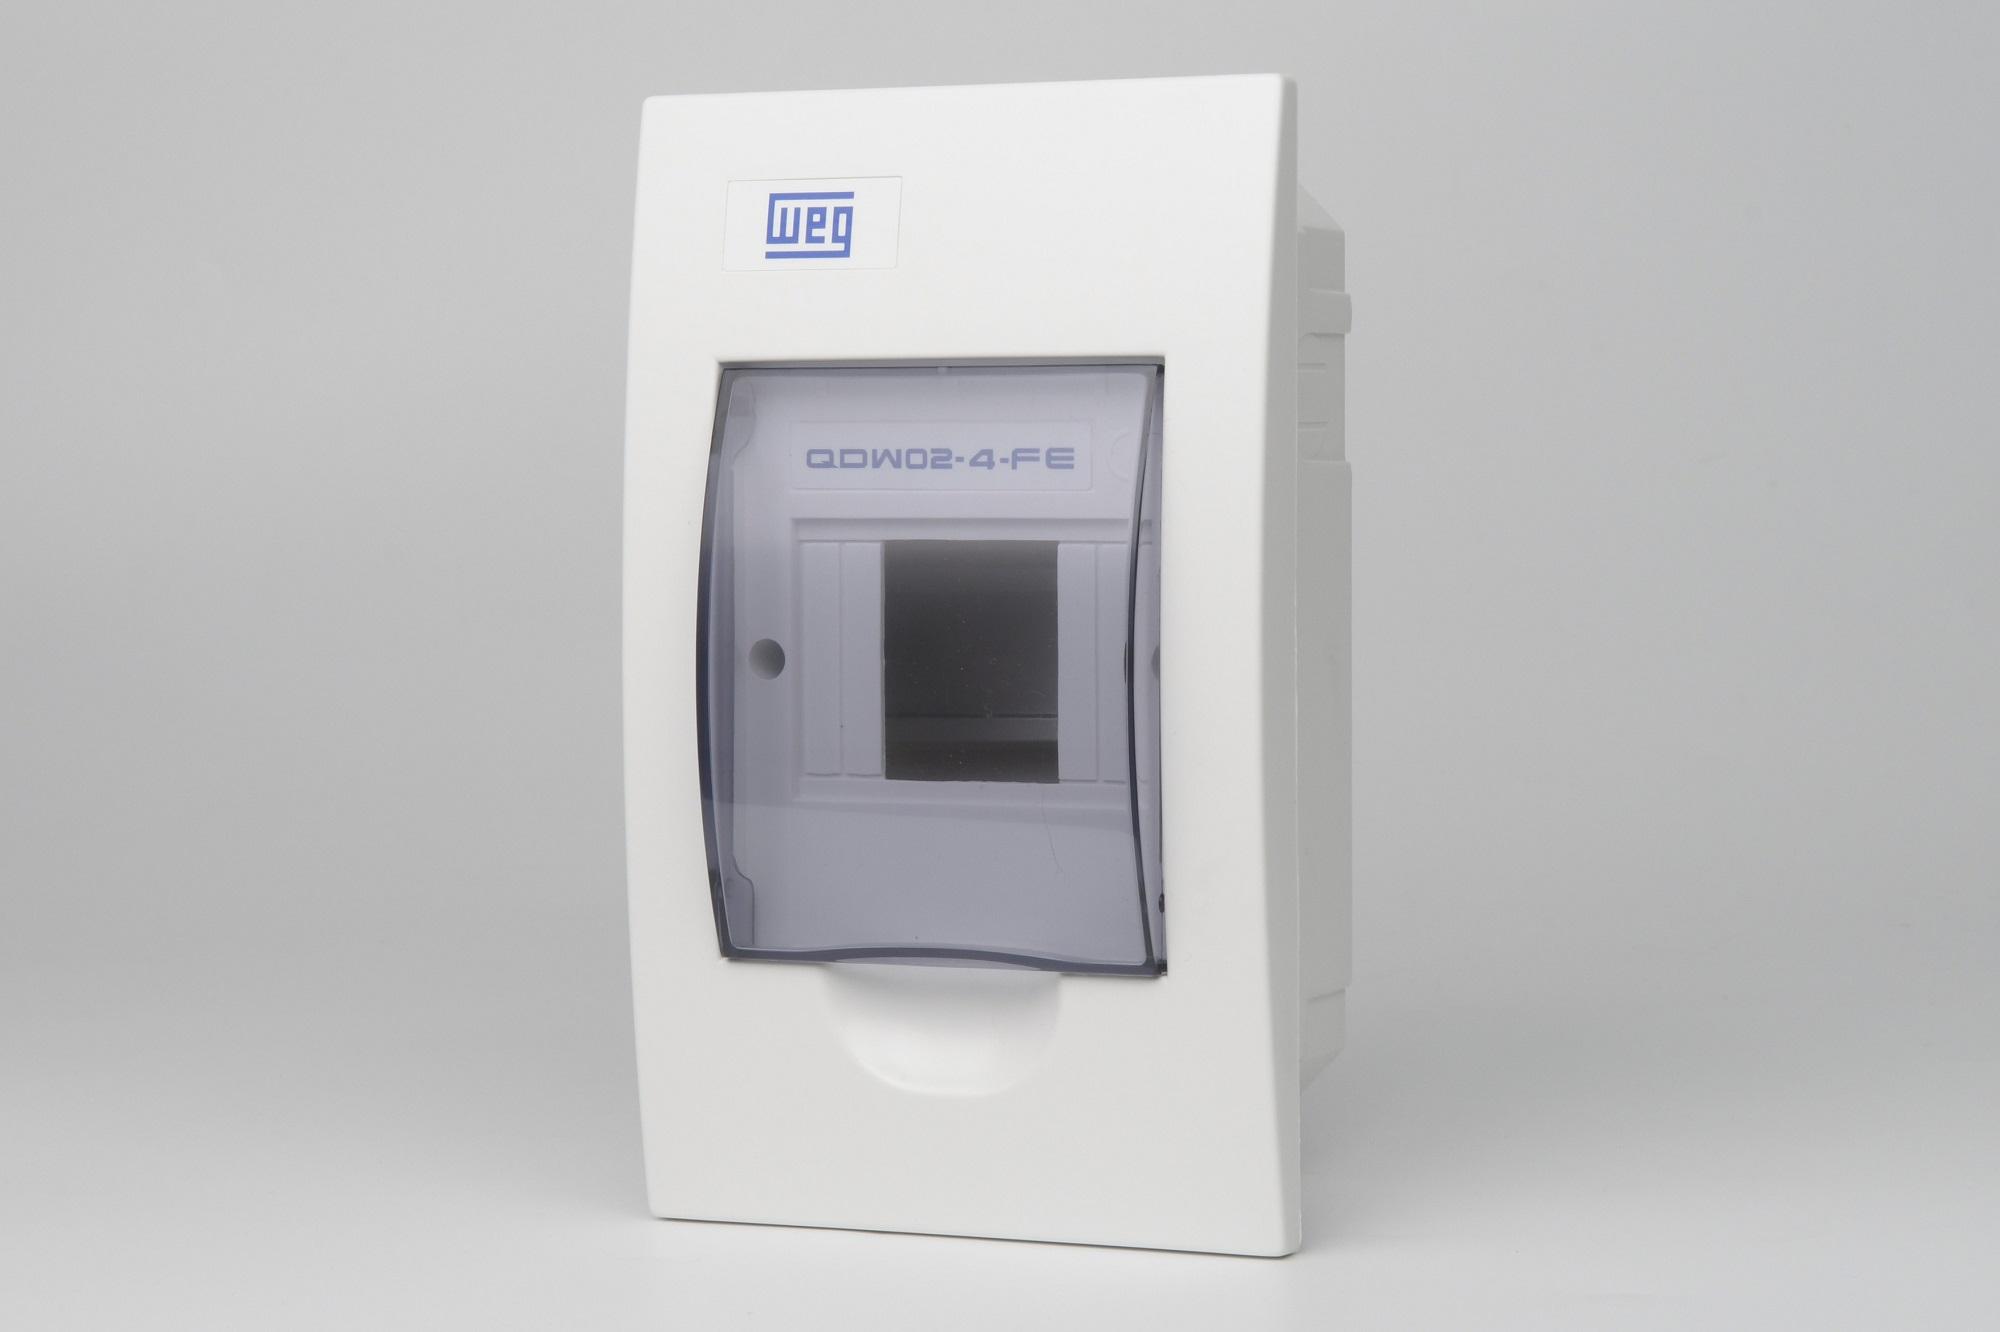 Quadro Distribuicao Para 4 Disjuntores WEG - Embutir  (QDW02-4-FE) (entrega em 5 dias)